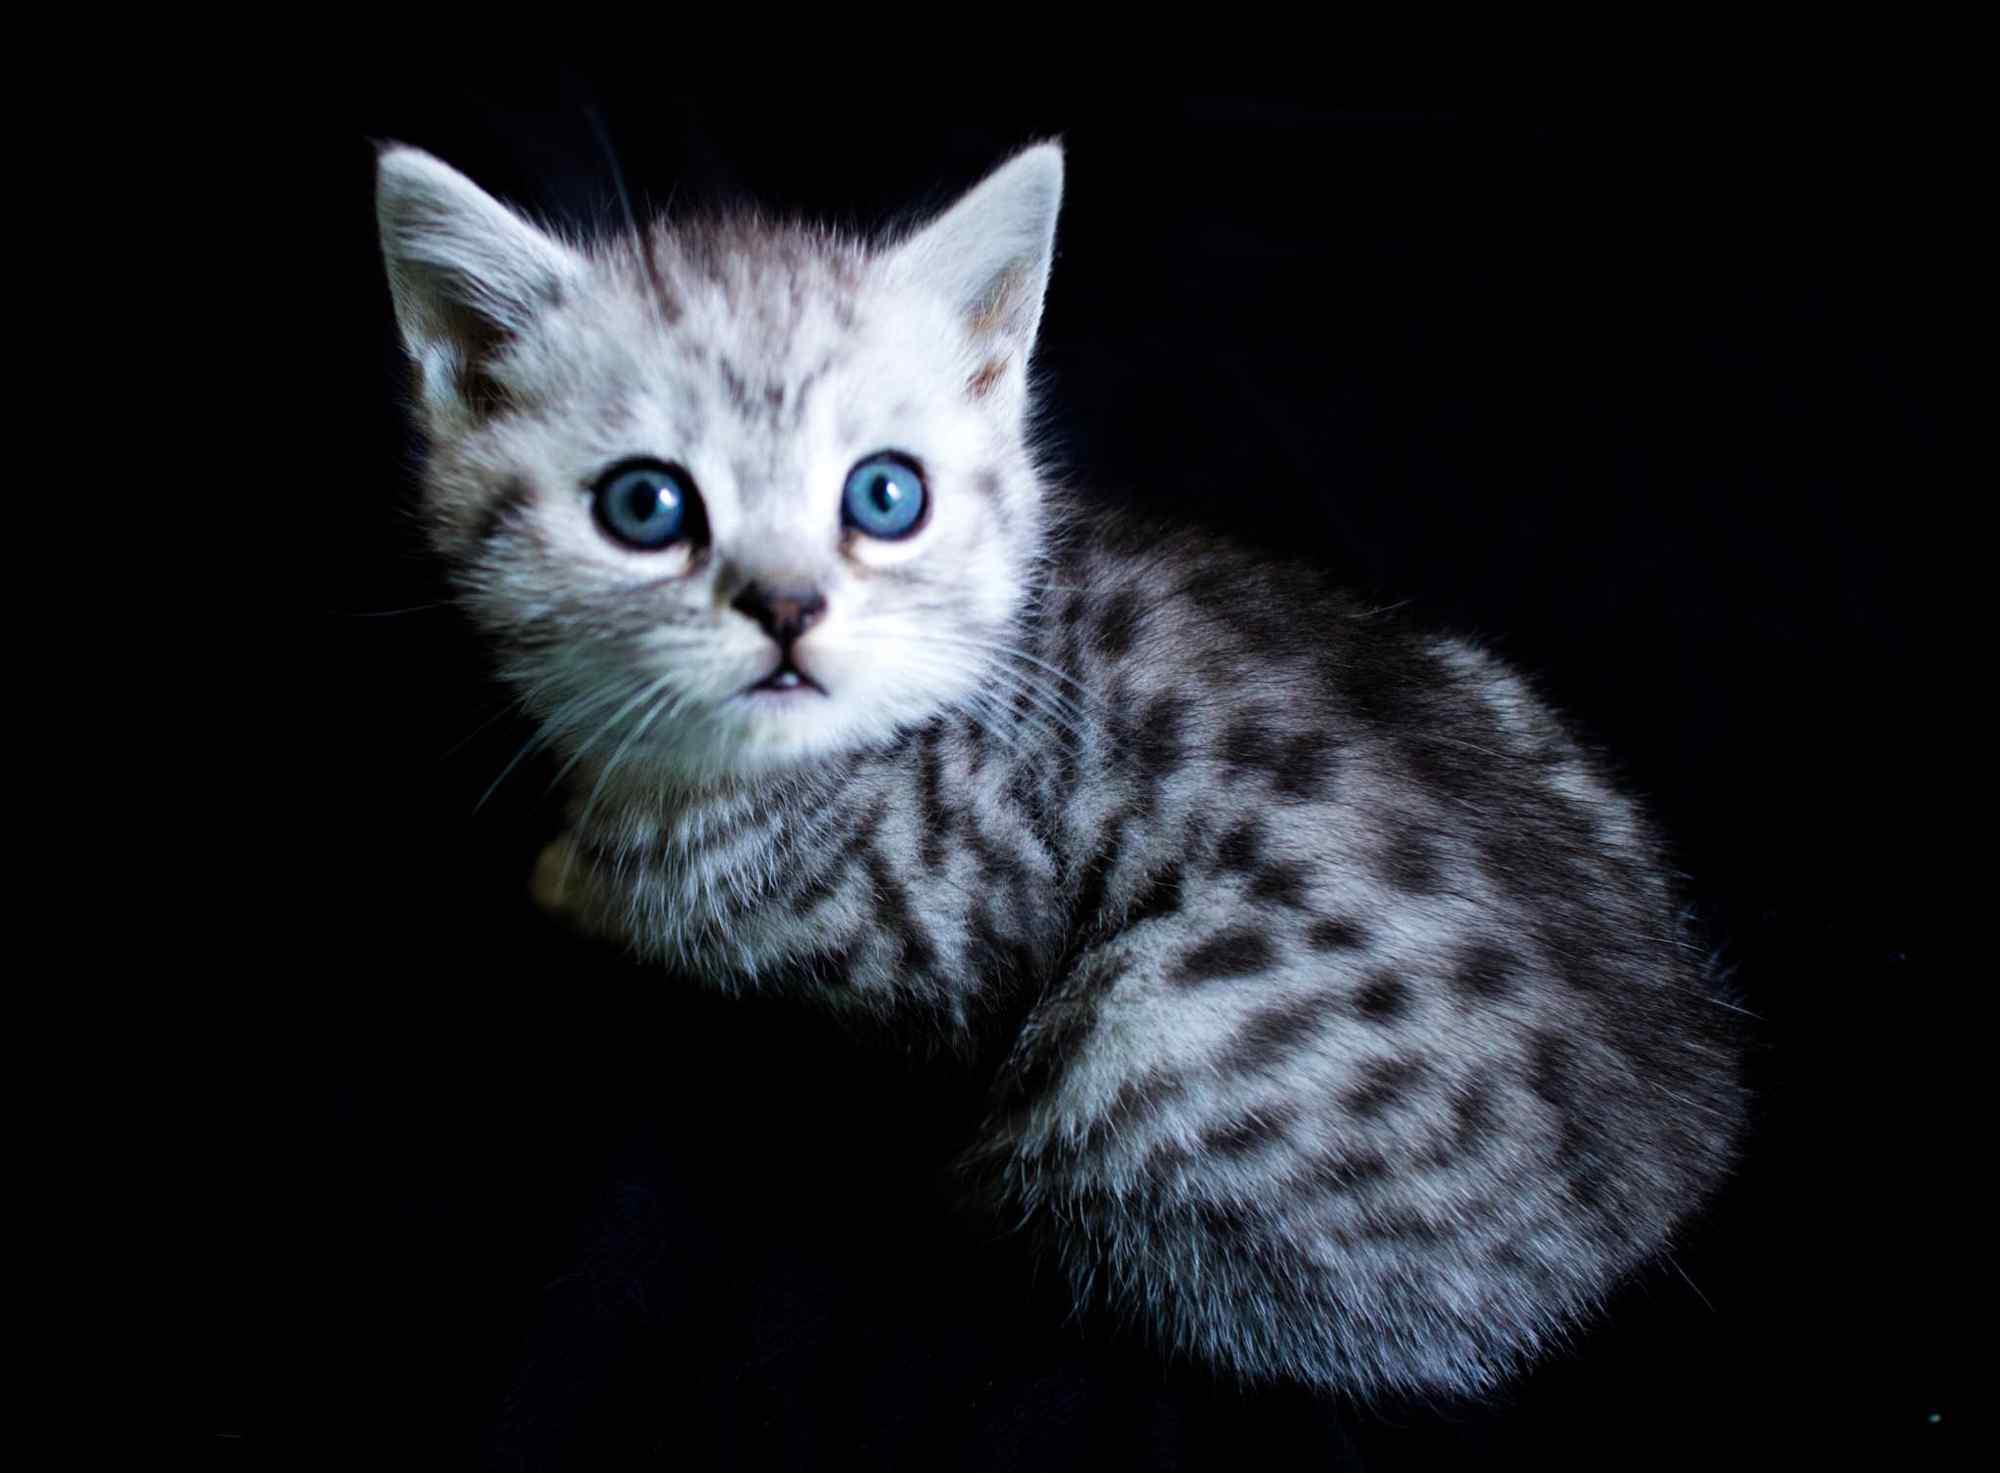 呆萌的美短小猫咪桌面壁纸